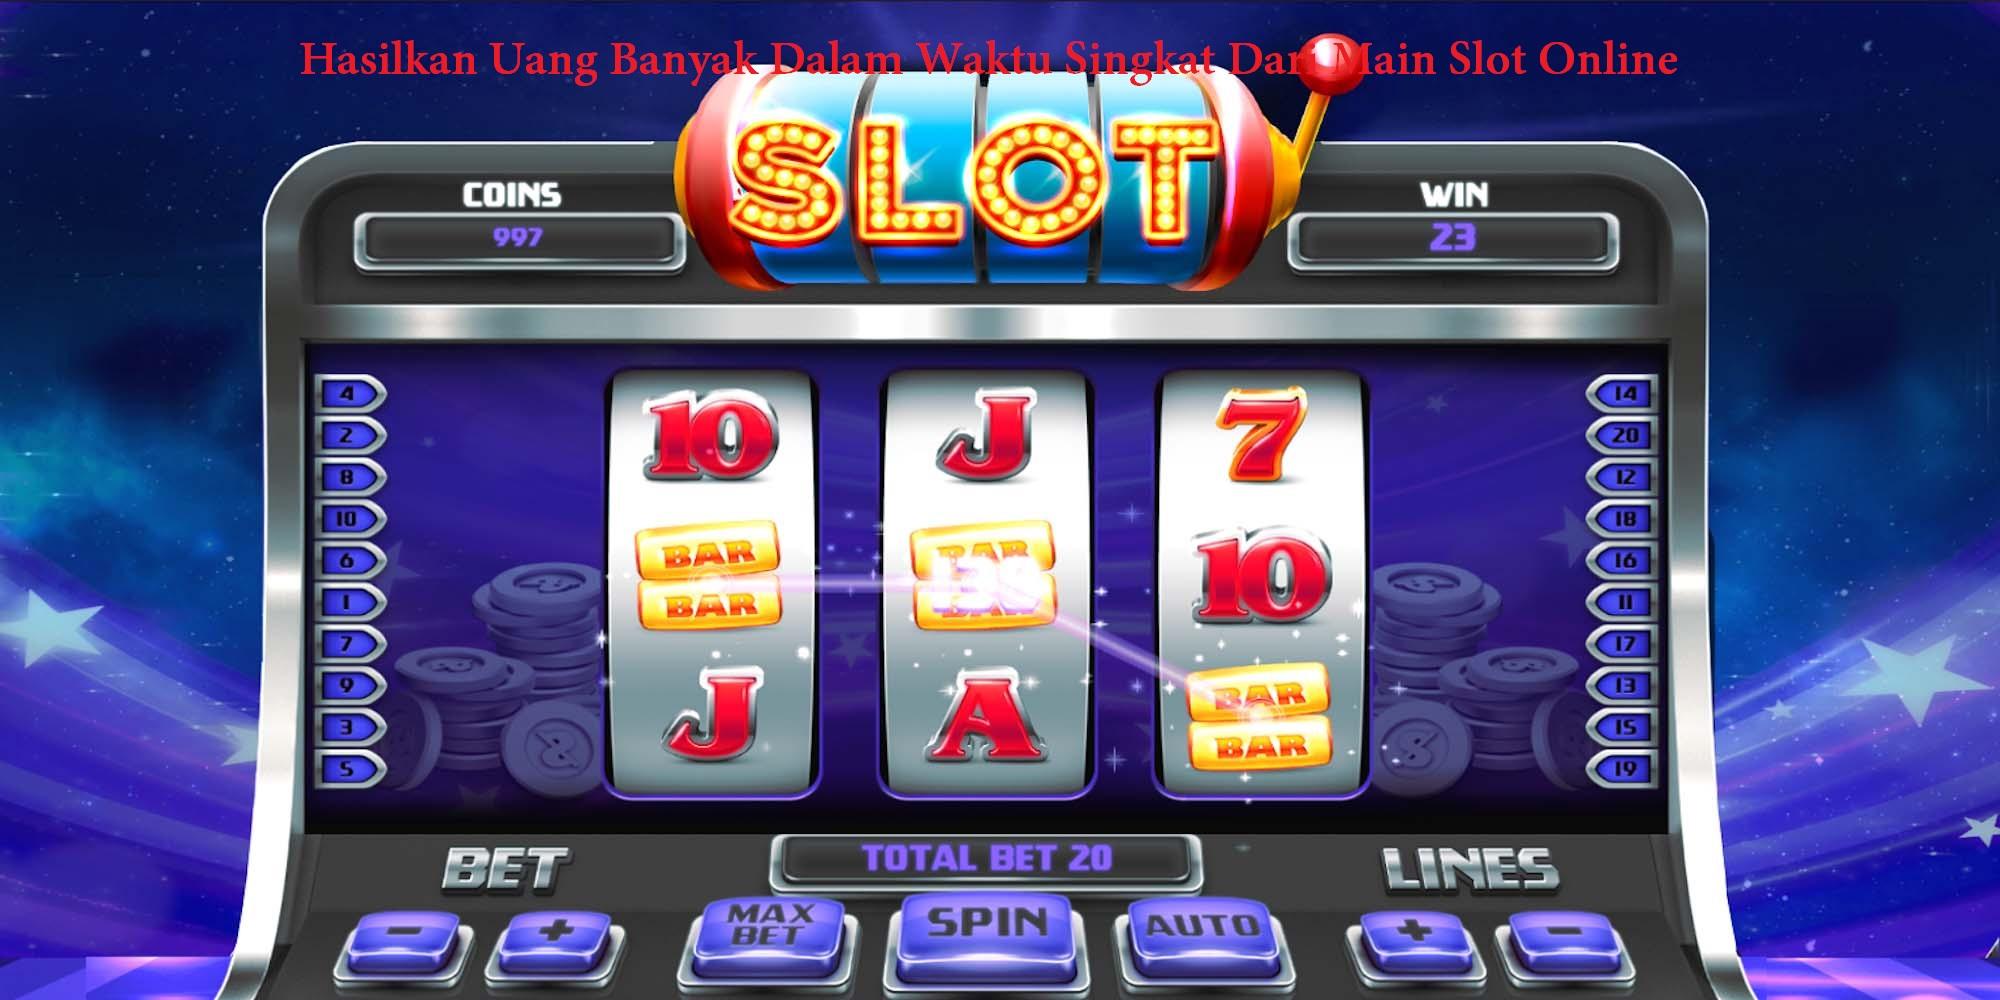 Hasilkan Uang Banyak Dalam Waktu Singkat Dari Main Slot Online